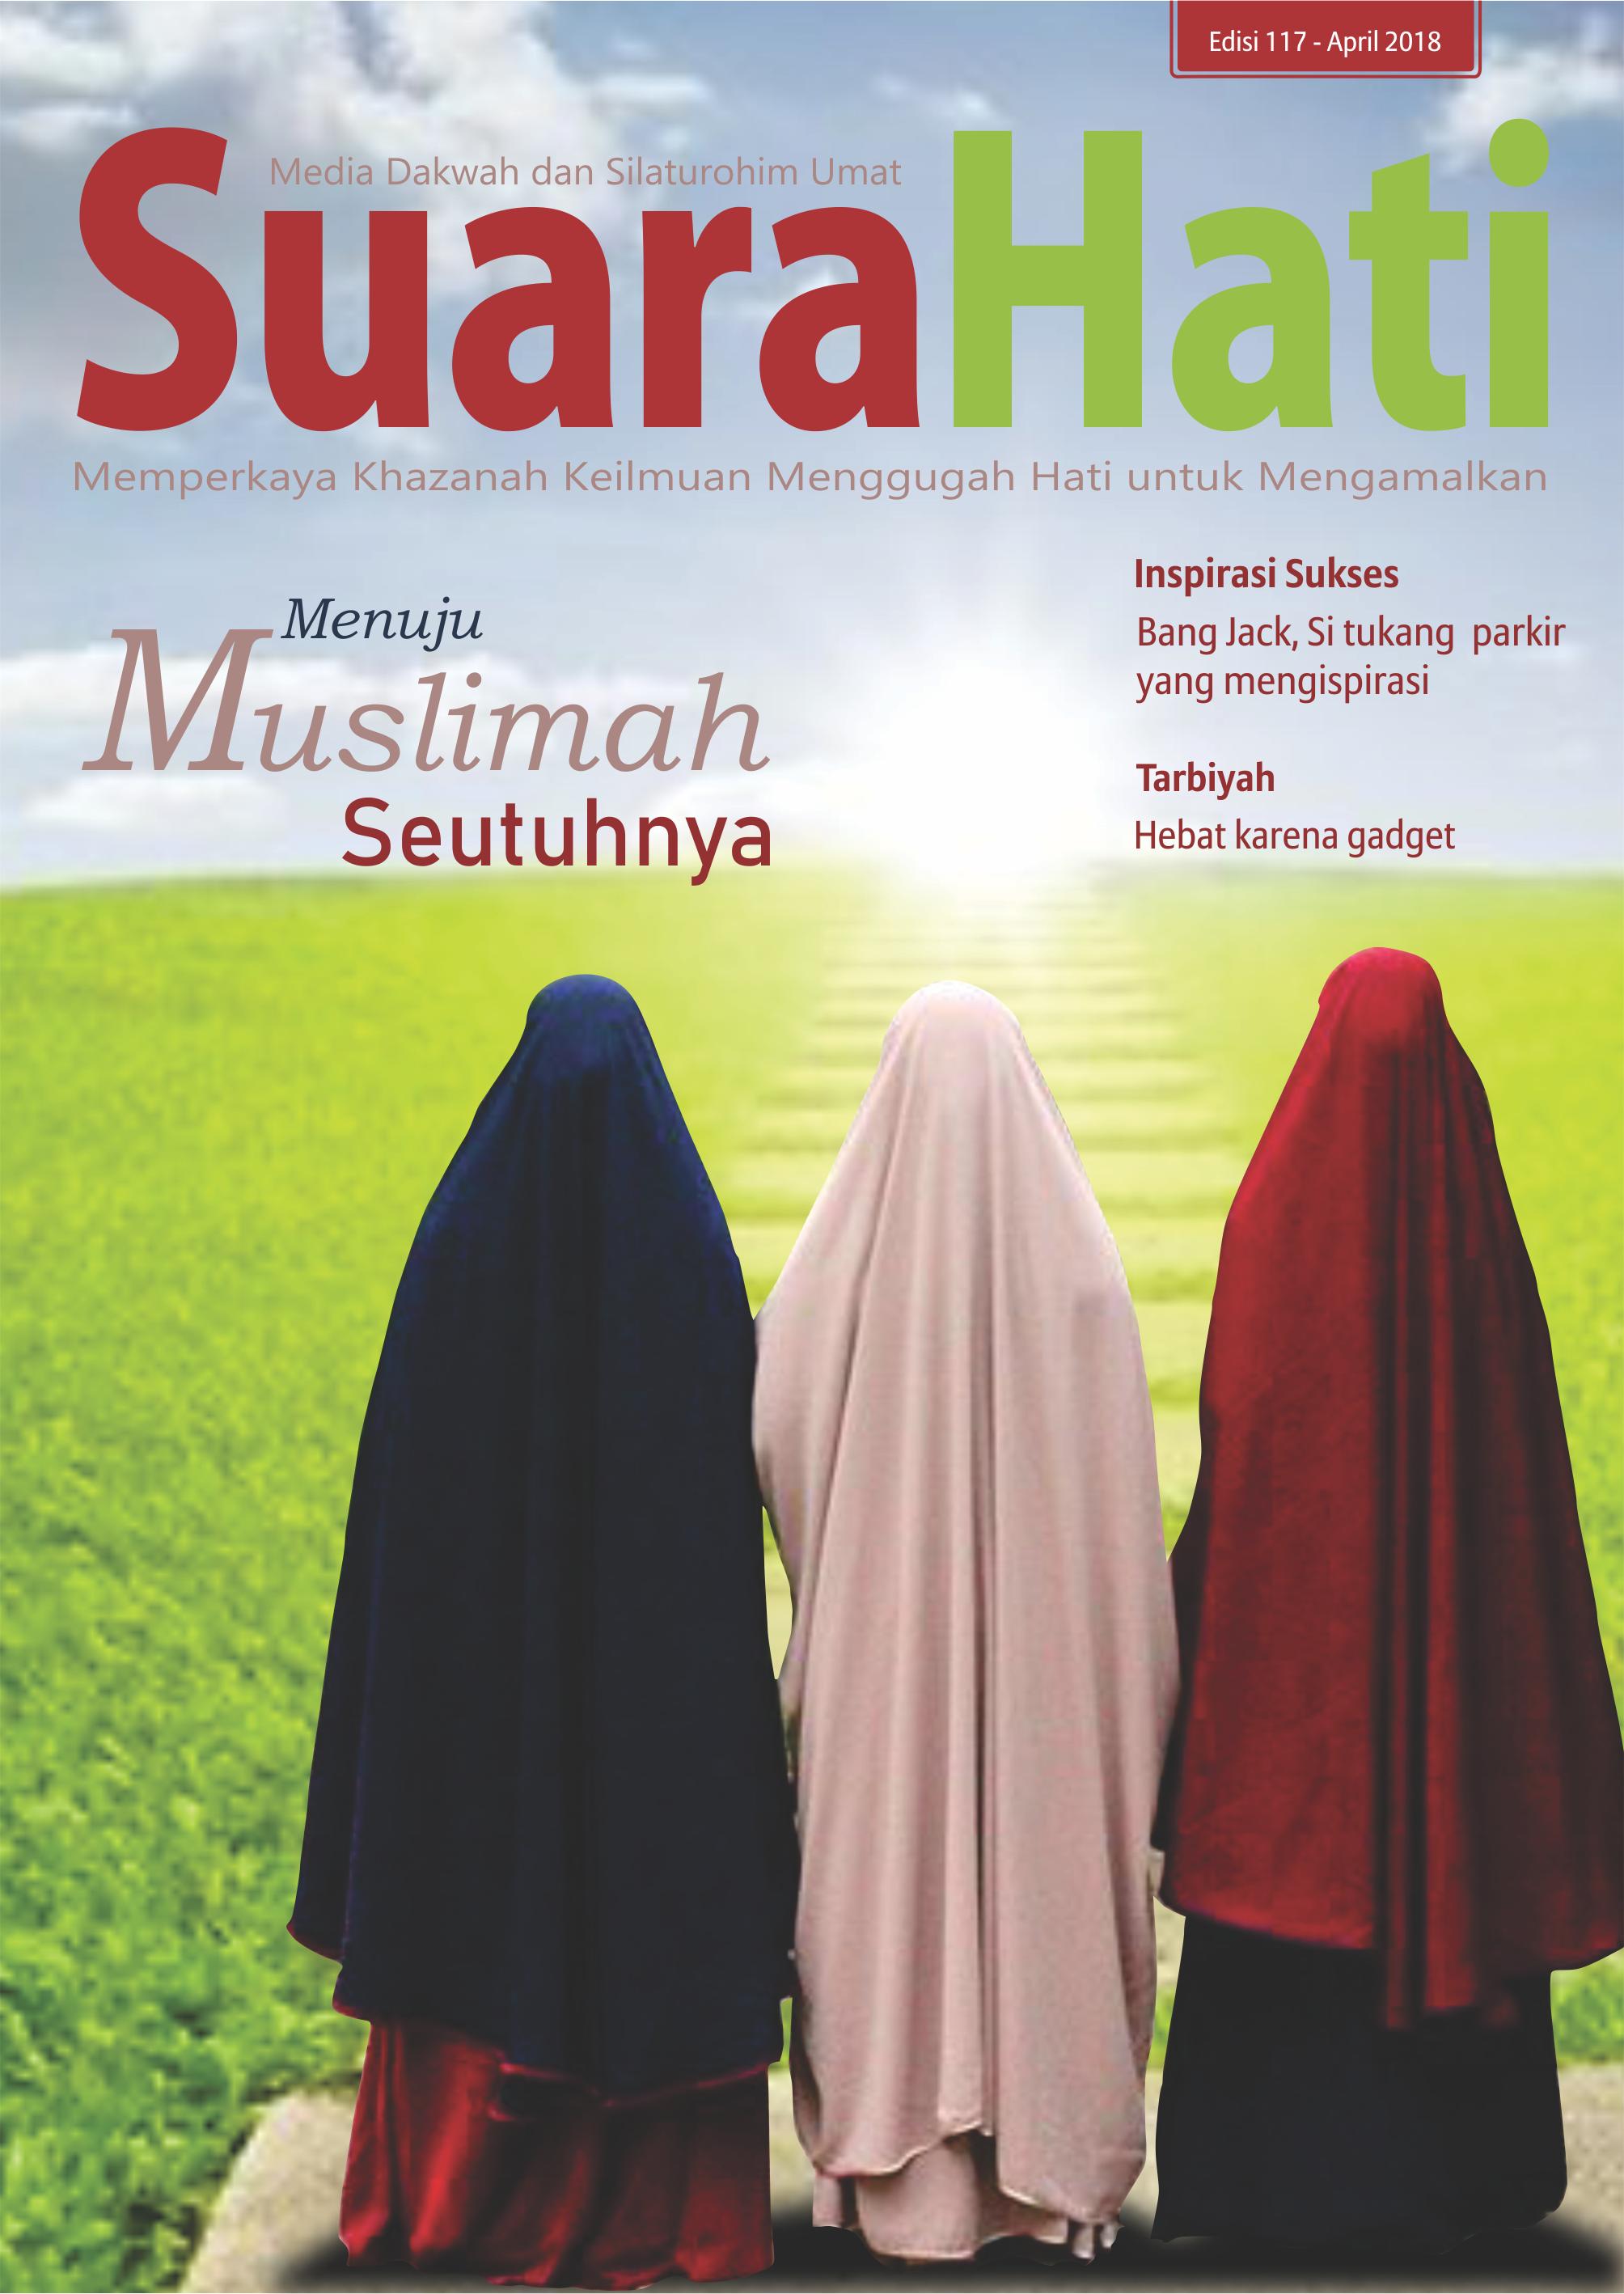 Majalah Suara Hati edisi April 2018